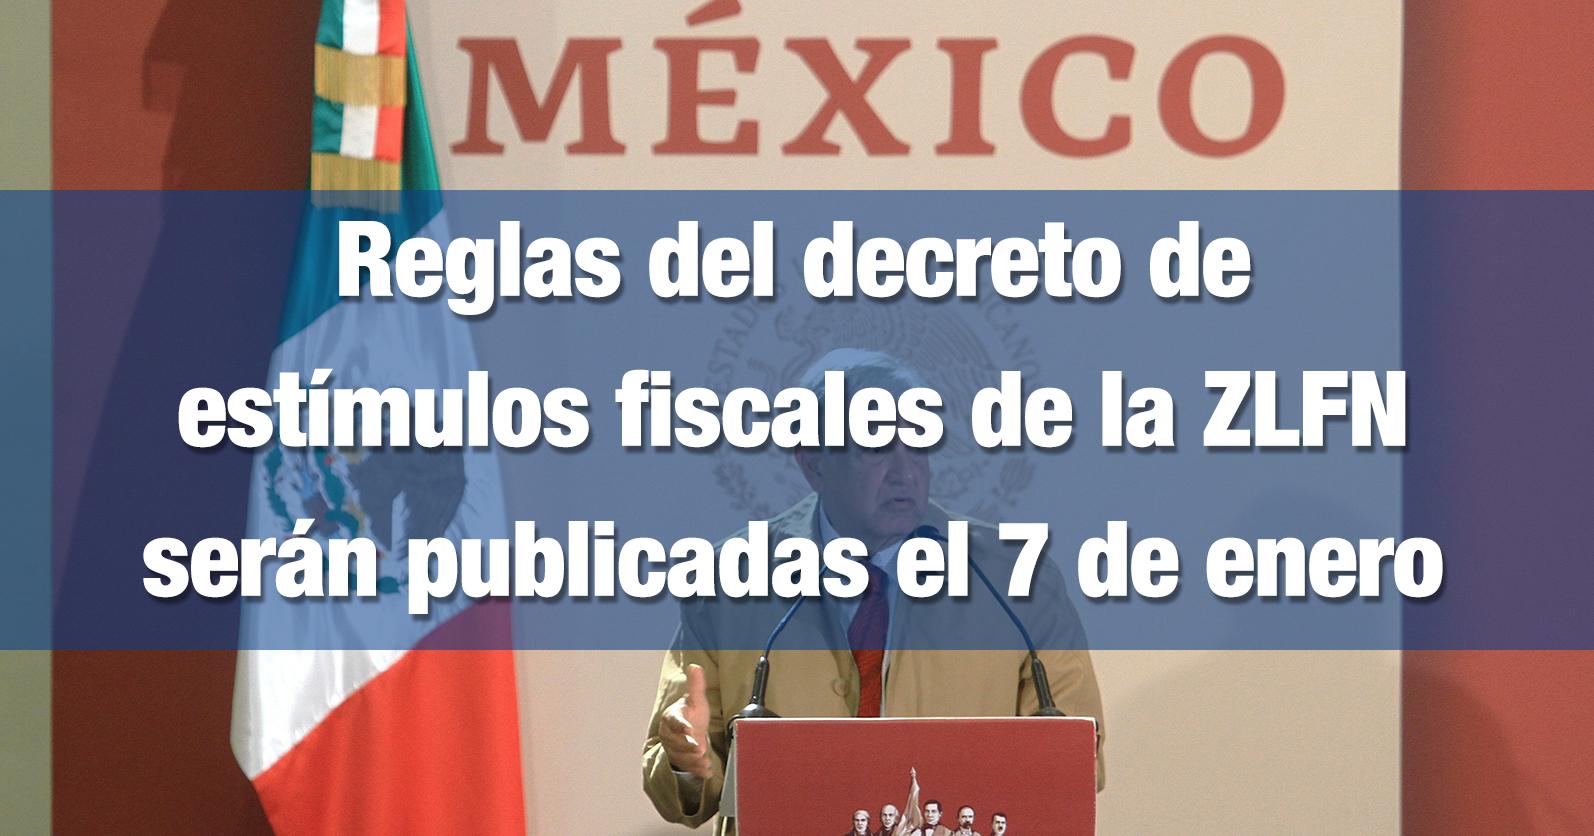 Reglas del decreto de estímulos fiscales de la ZLFN serán publicadas el 7 de enero